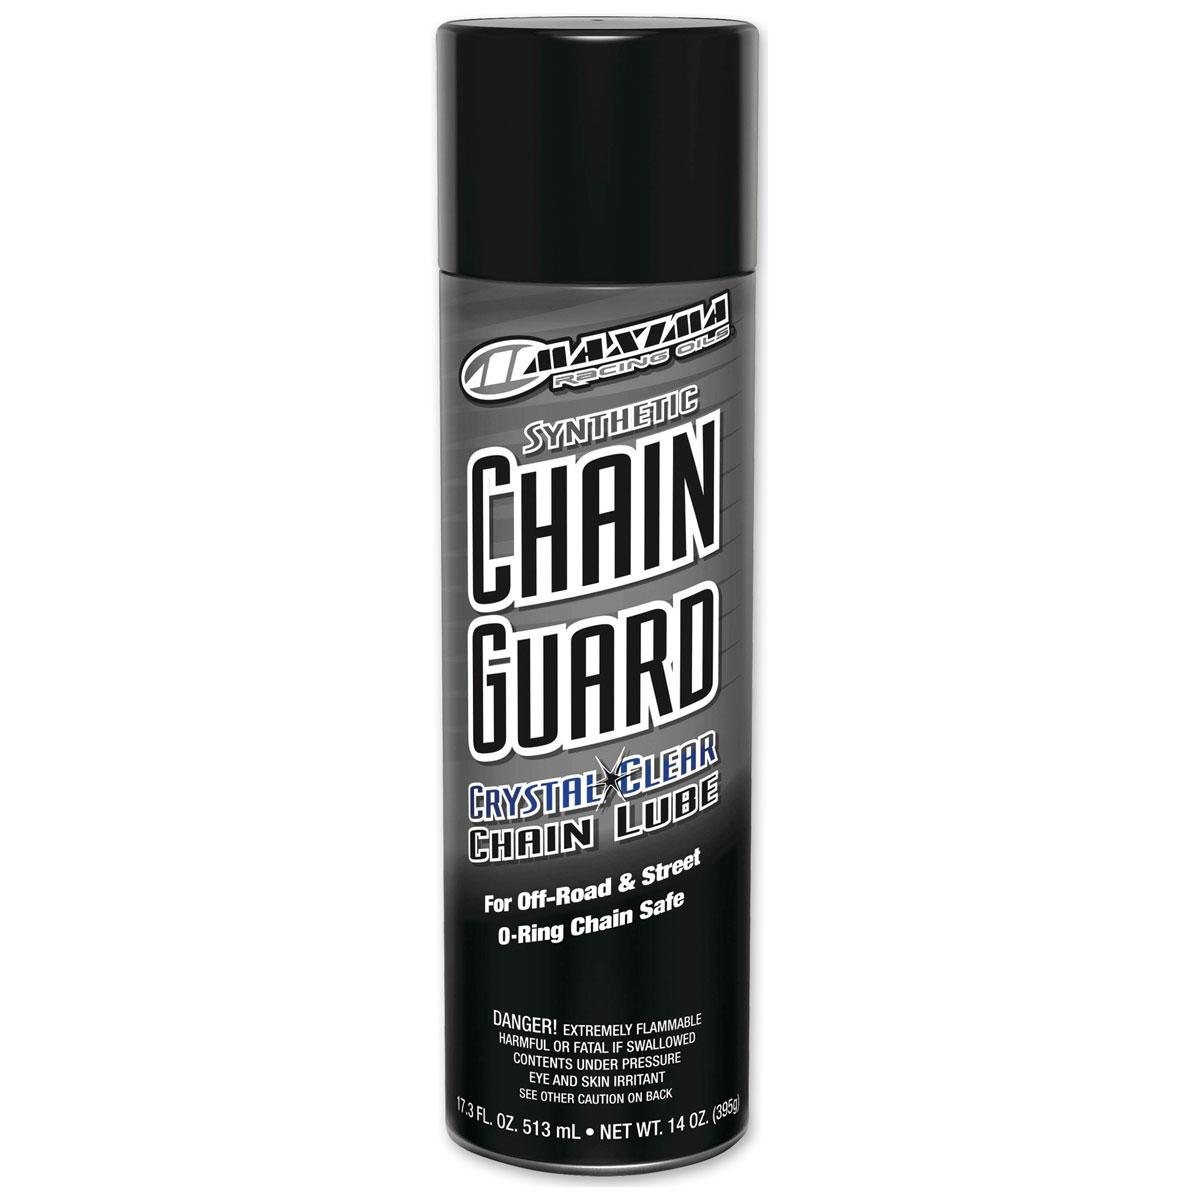 Maxima Synthetic Chain Guard Chain Lube 14 Oz